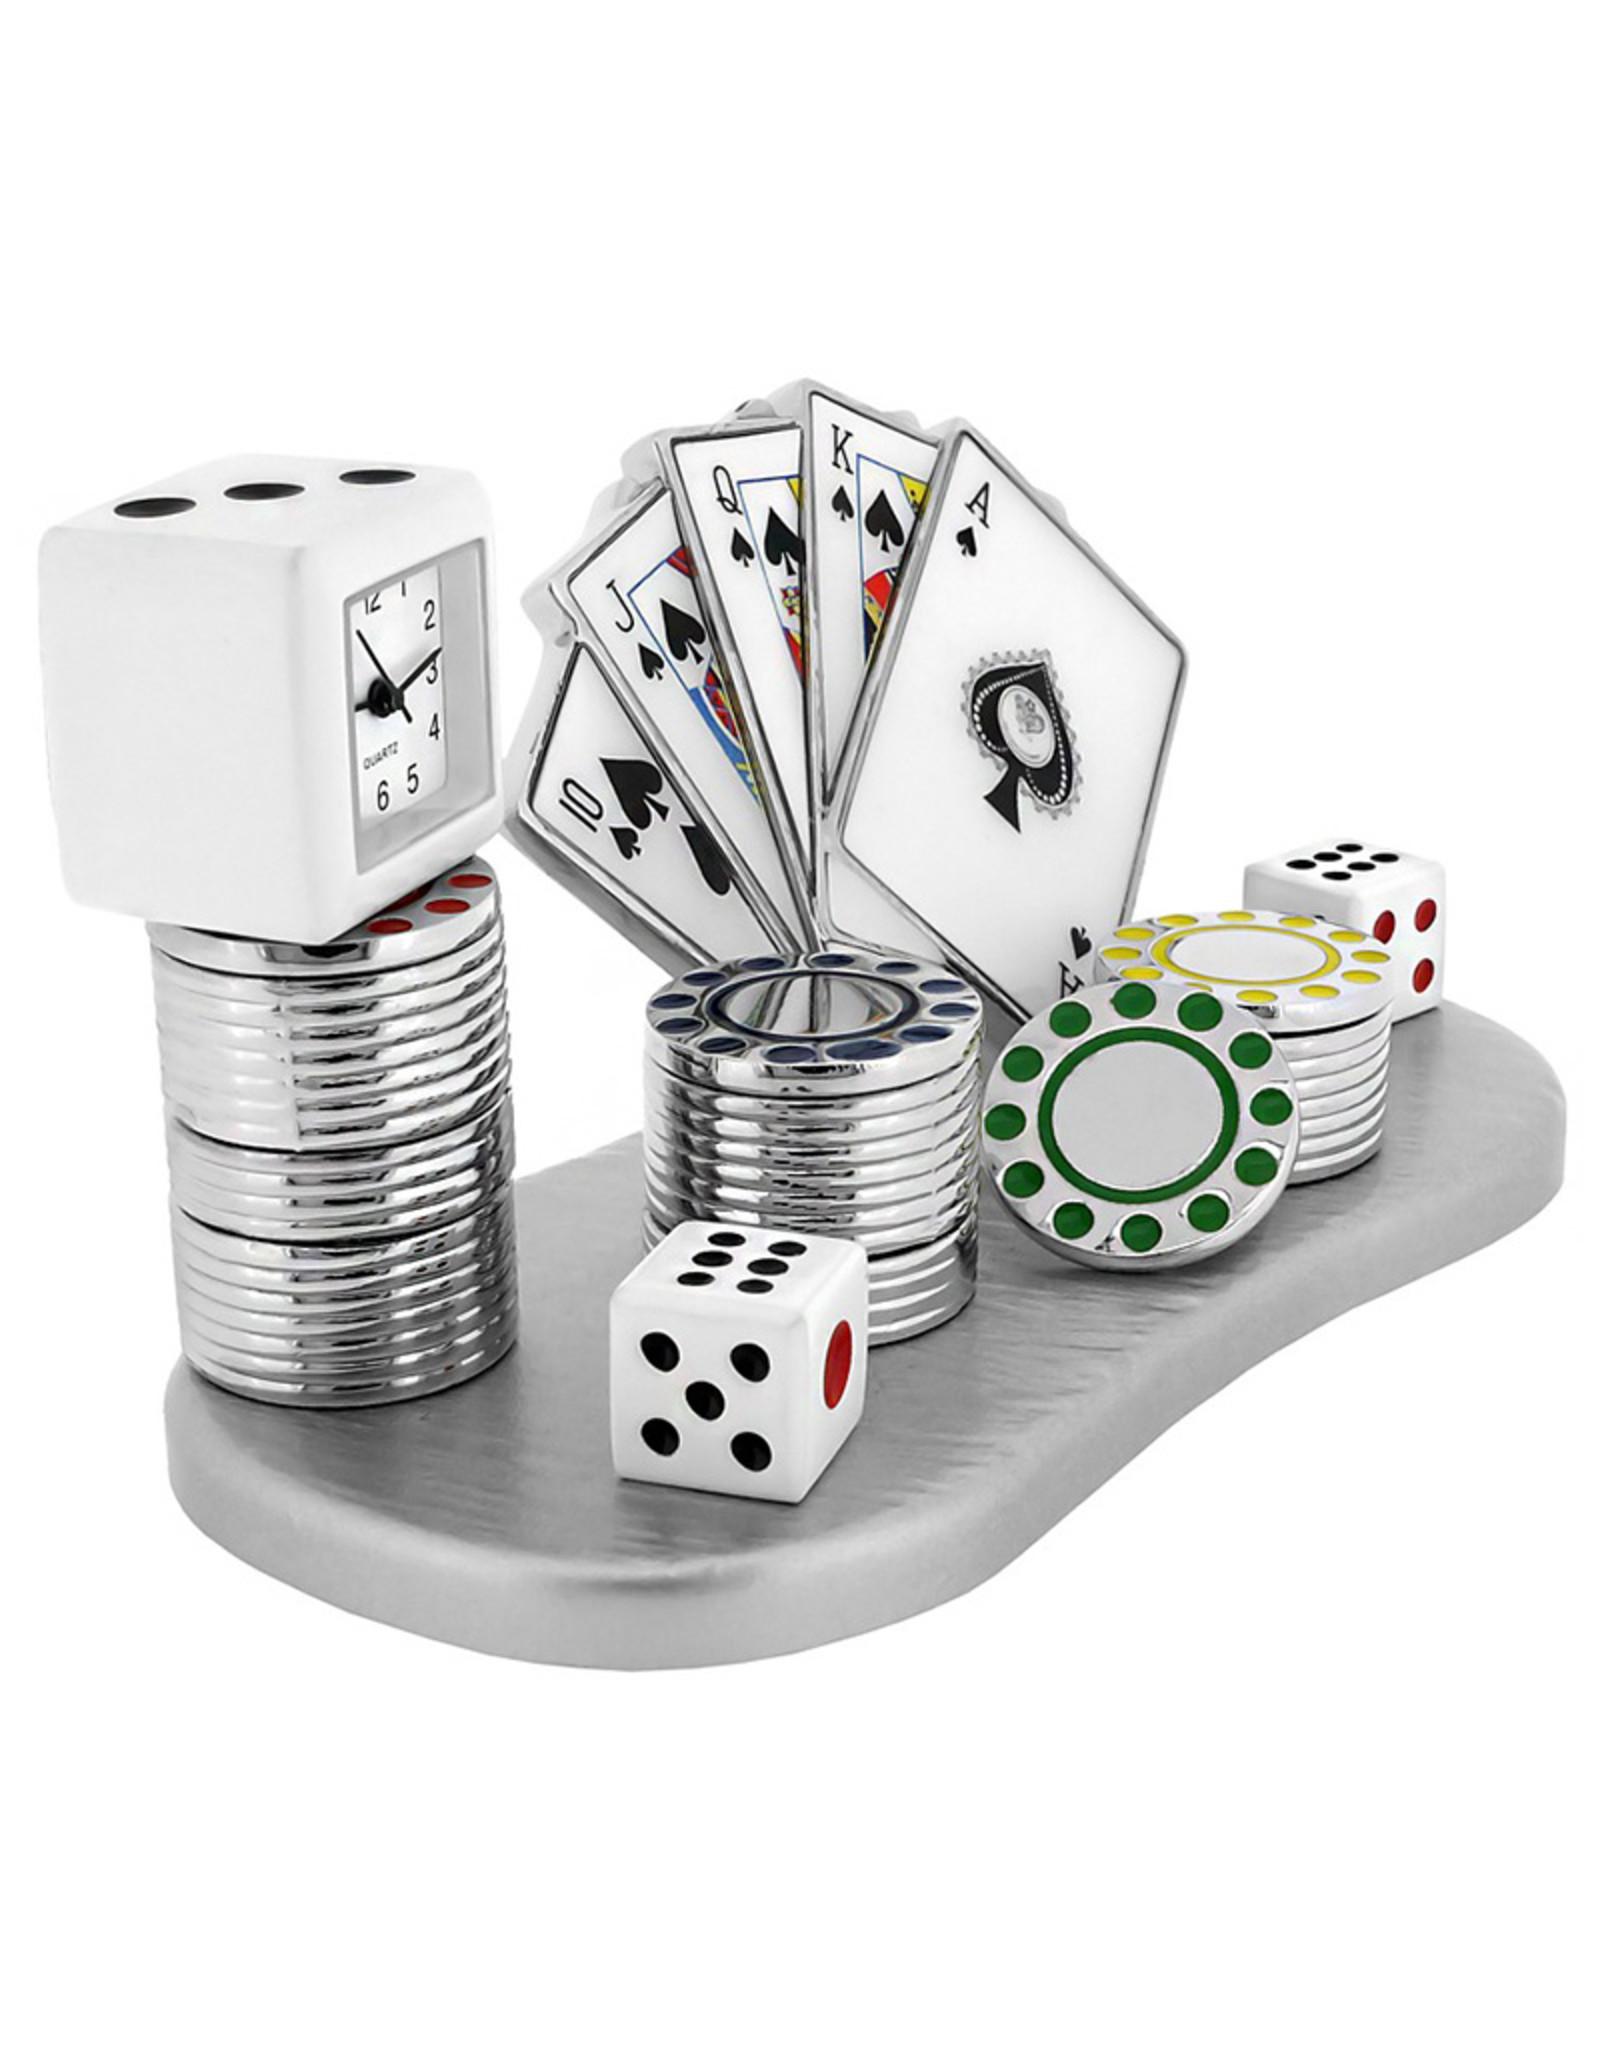 SANIS GAMBLING MINIATURE CLOCK